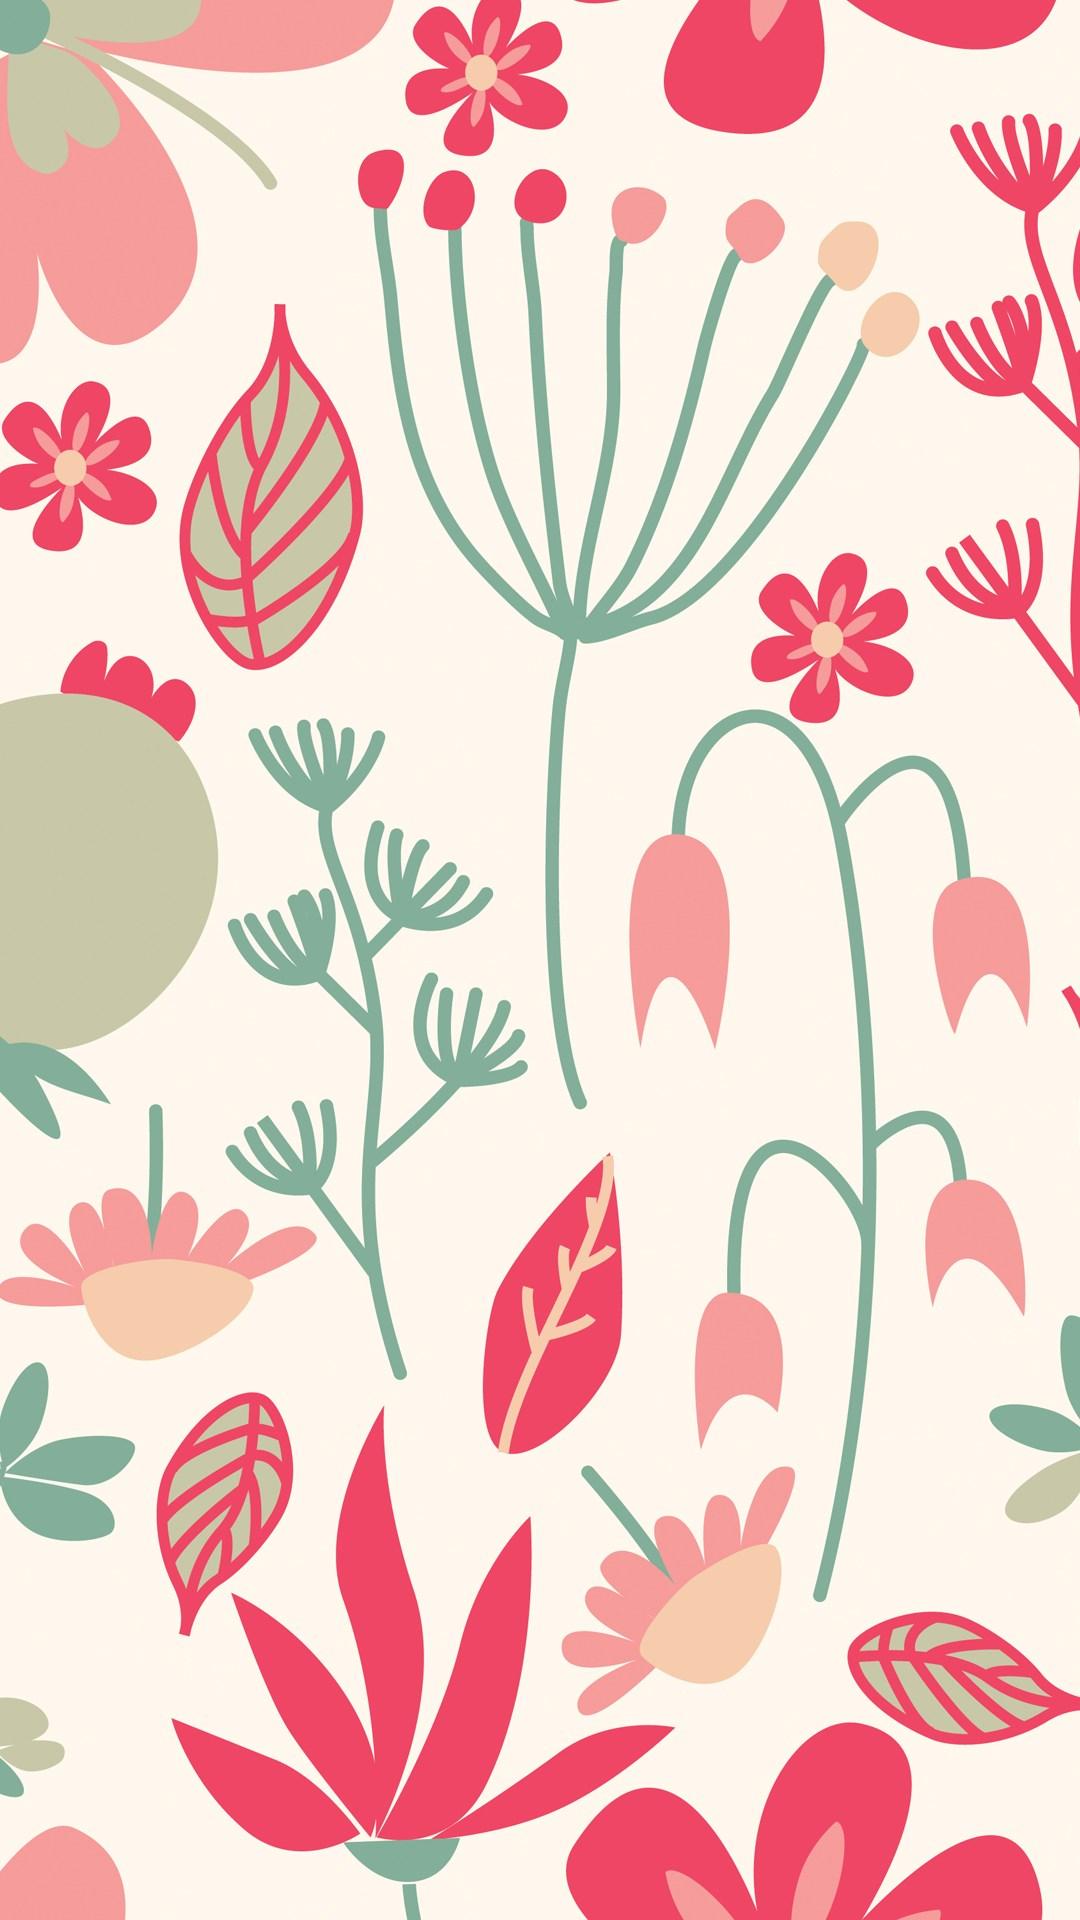 Free Hd Vintage Flowers Phone Wallpaper Vintage Flower Wallpaper For Phone 341409 Hd Wallpaper Backgrounds Download